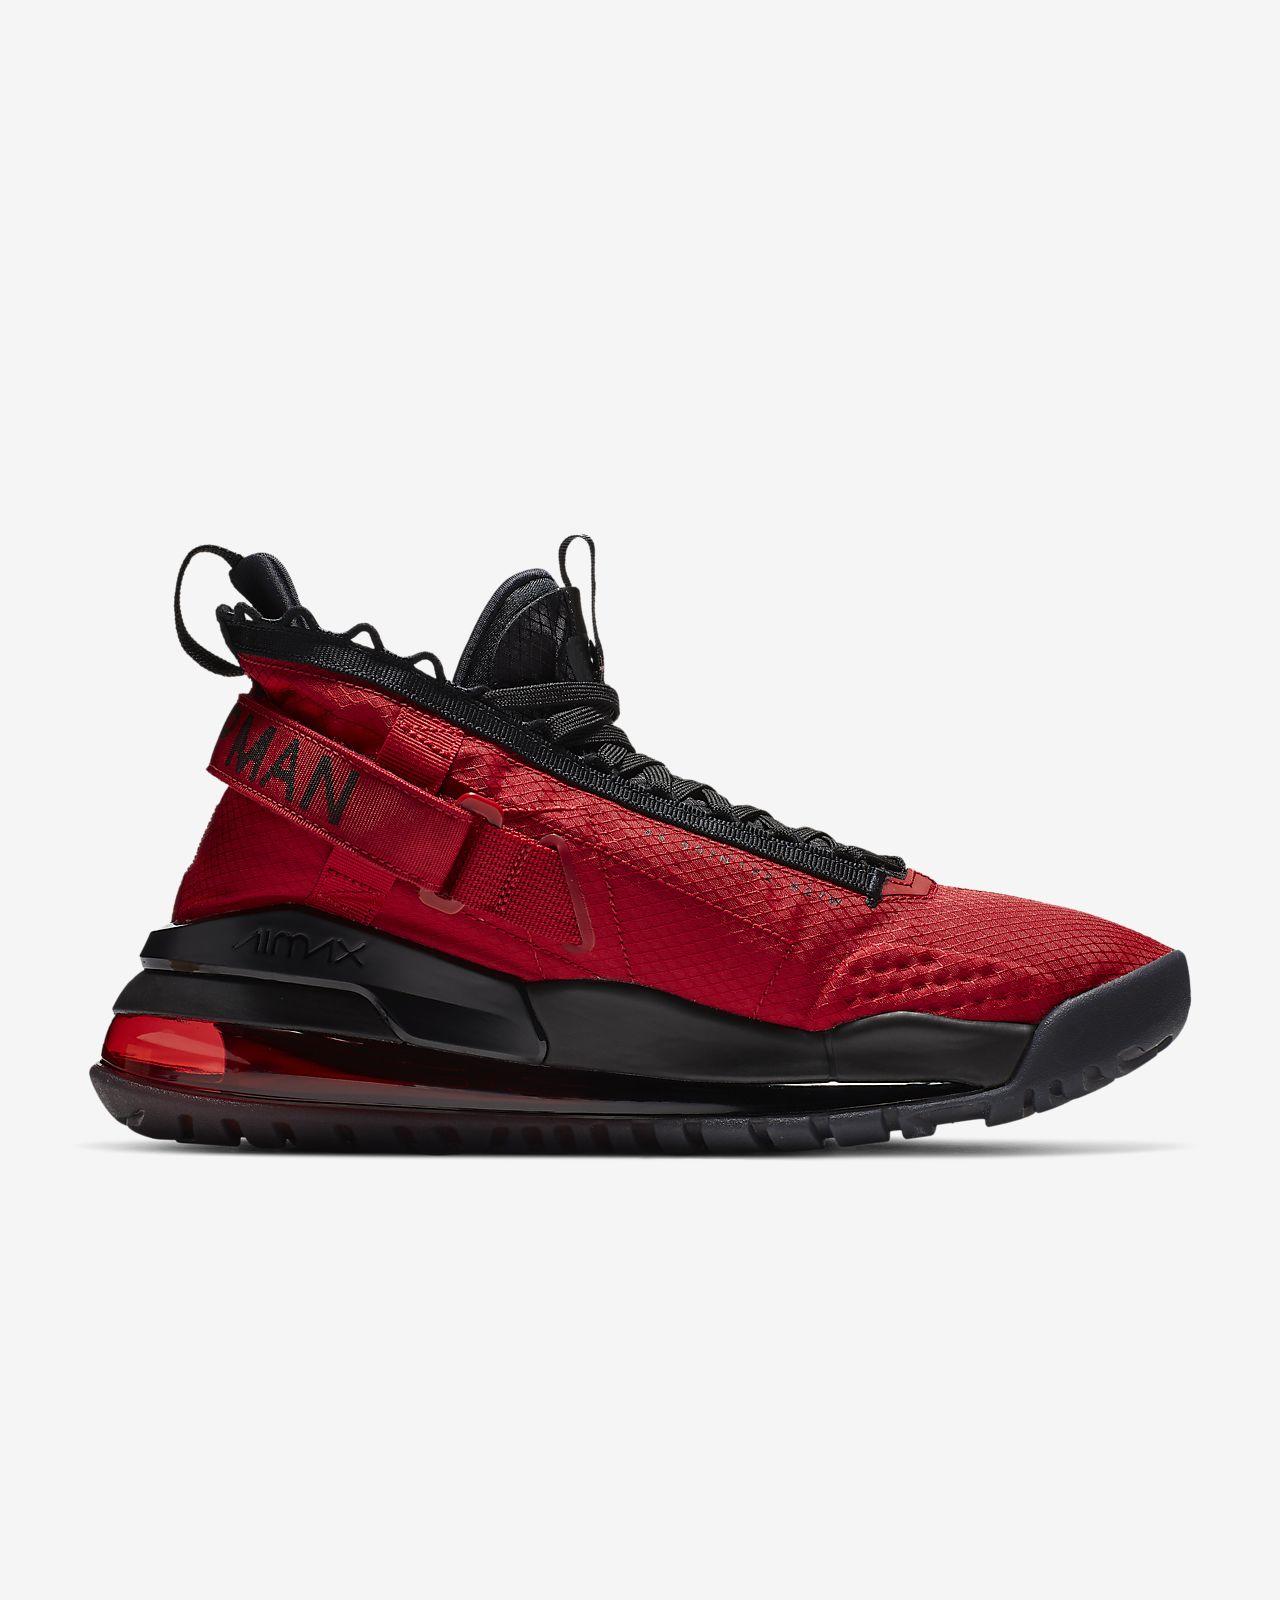 b62c6fa0c03e Jordan Proto-Max 720 Men s Shoe. Nike.com IN